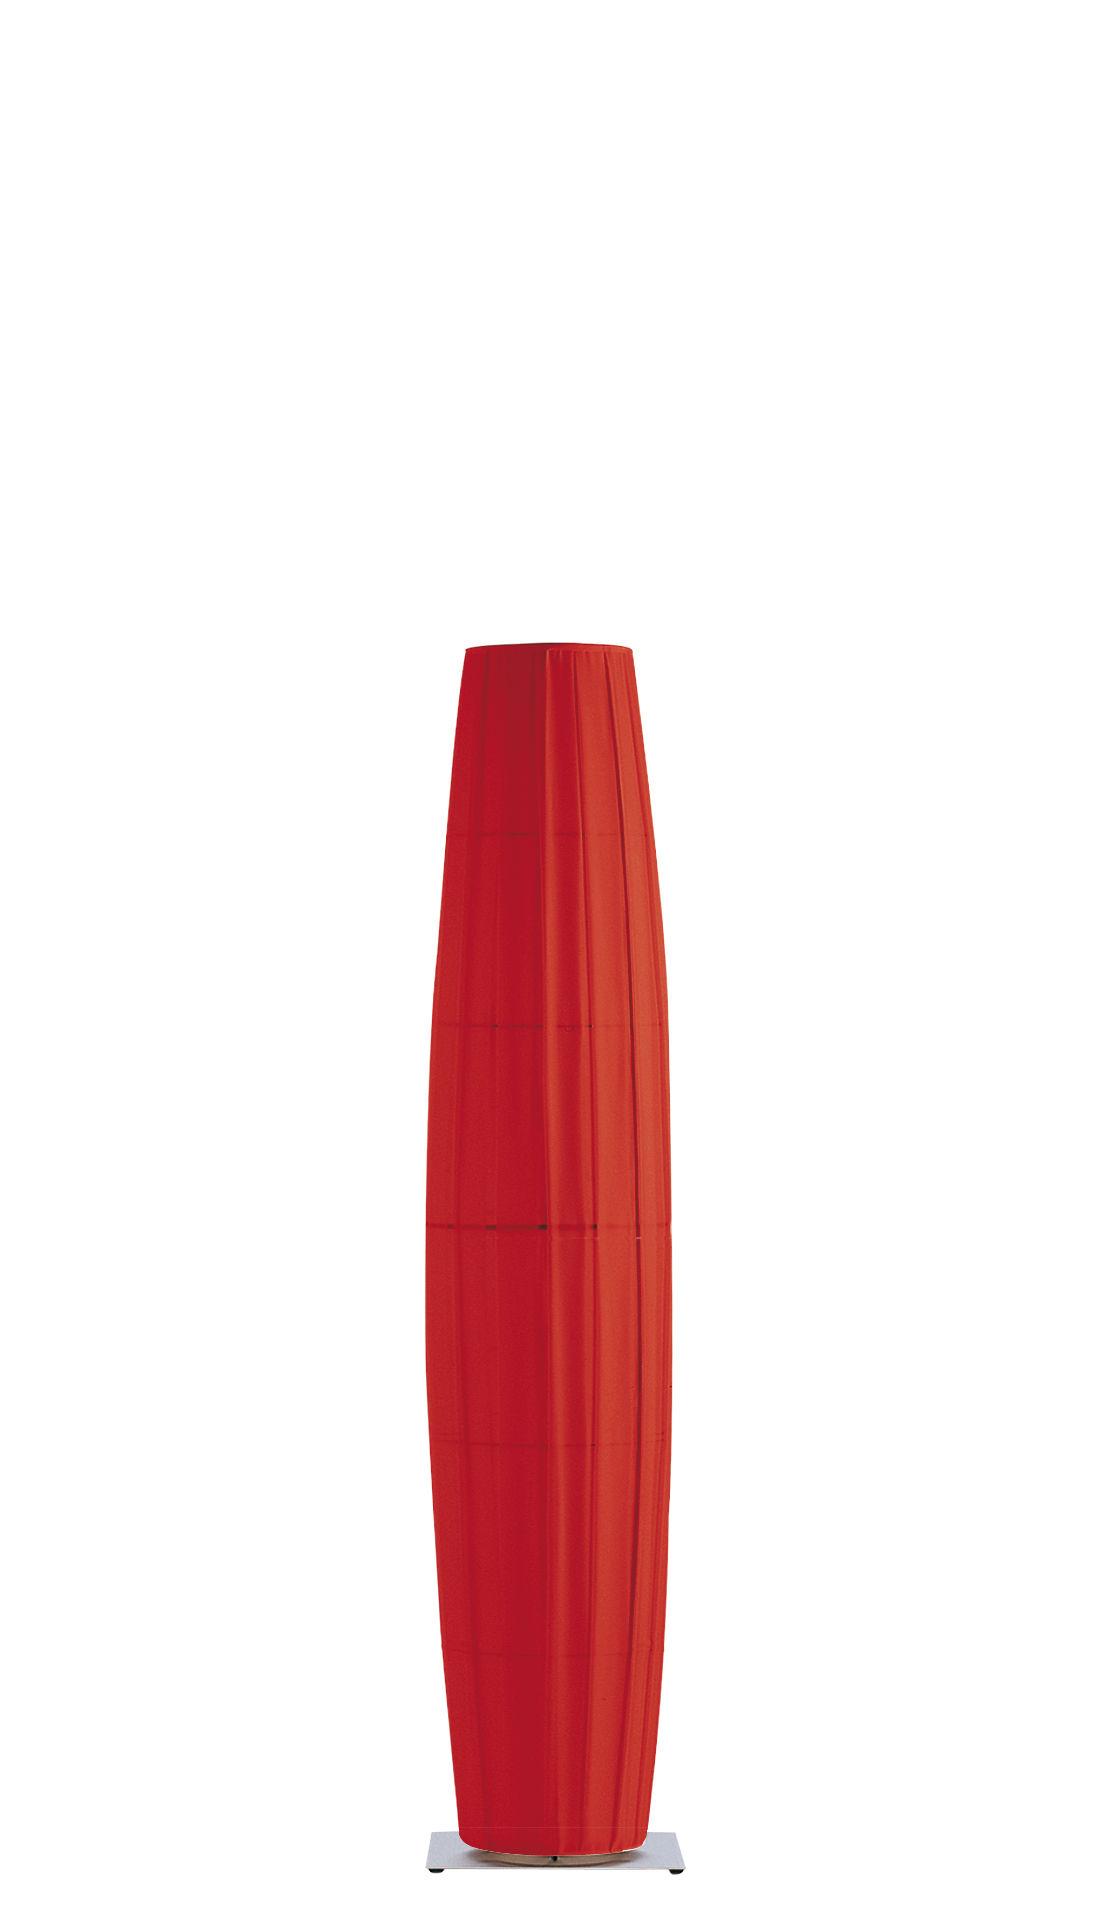 Illuminazione - Lampade da terra - Lampada a stelo Colonne - H 190 cm di Dix Heures Dix - Rosso - Base in acciaio inox spazzolato - Acciaio satinato, Tessuto poliestere